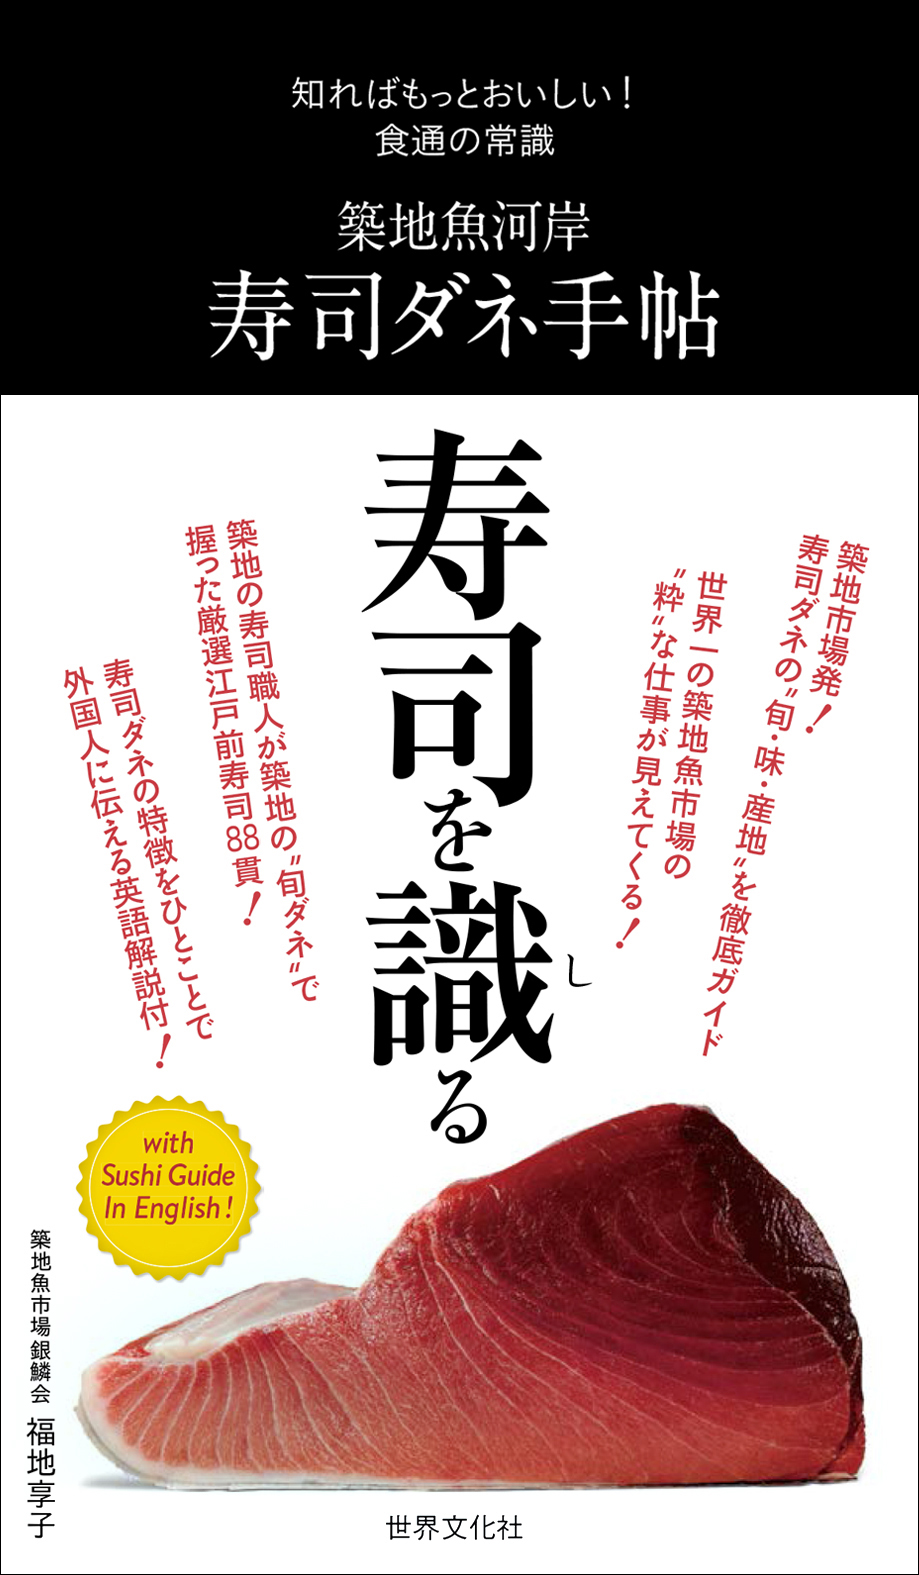 寿司ネタおもしろネタが詰まった究極のネタ本 築地